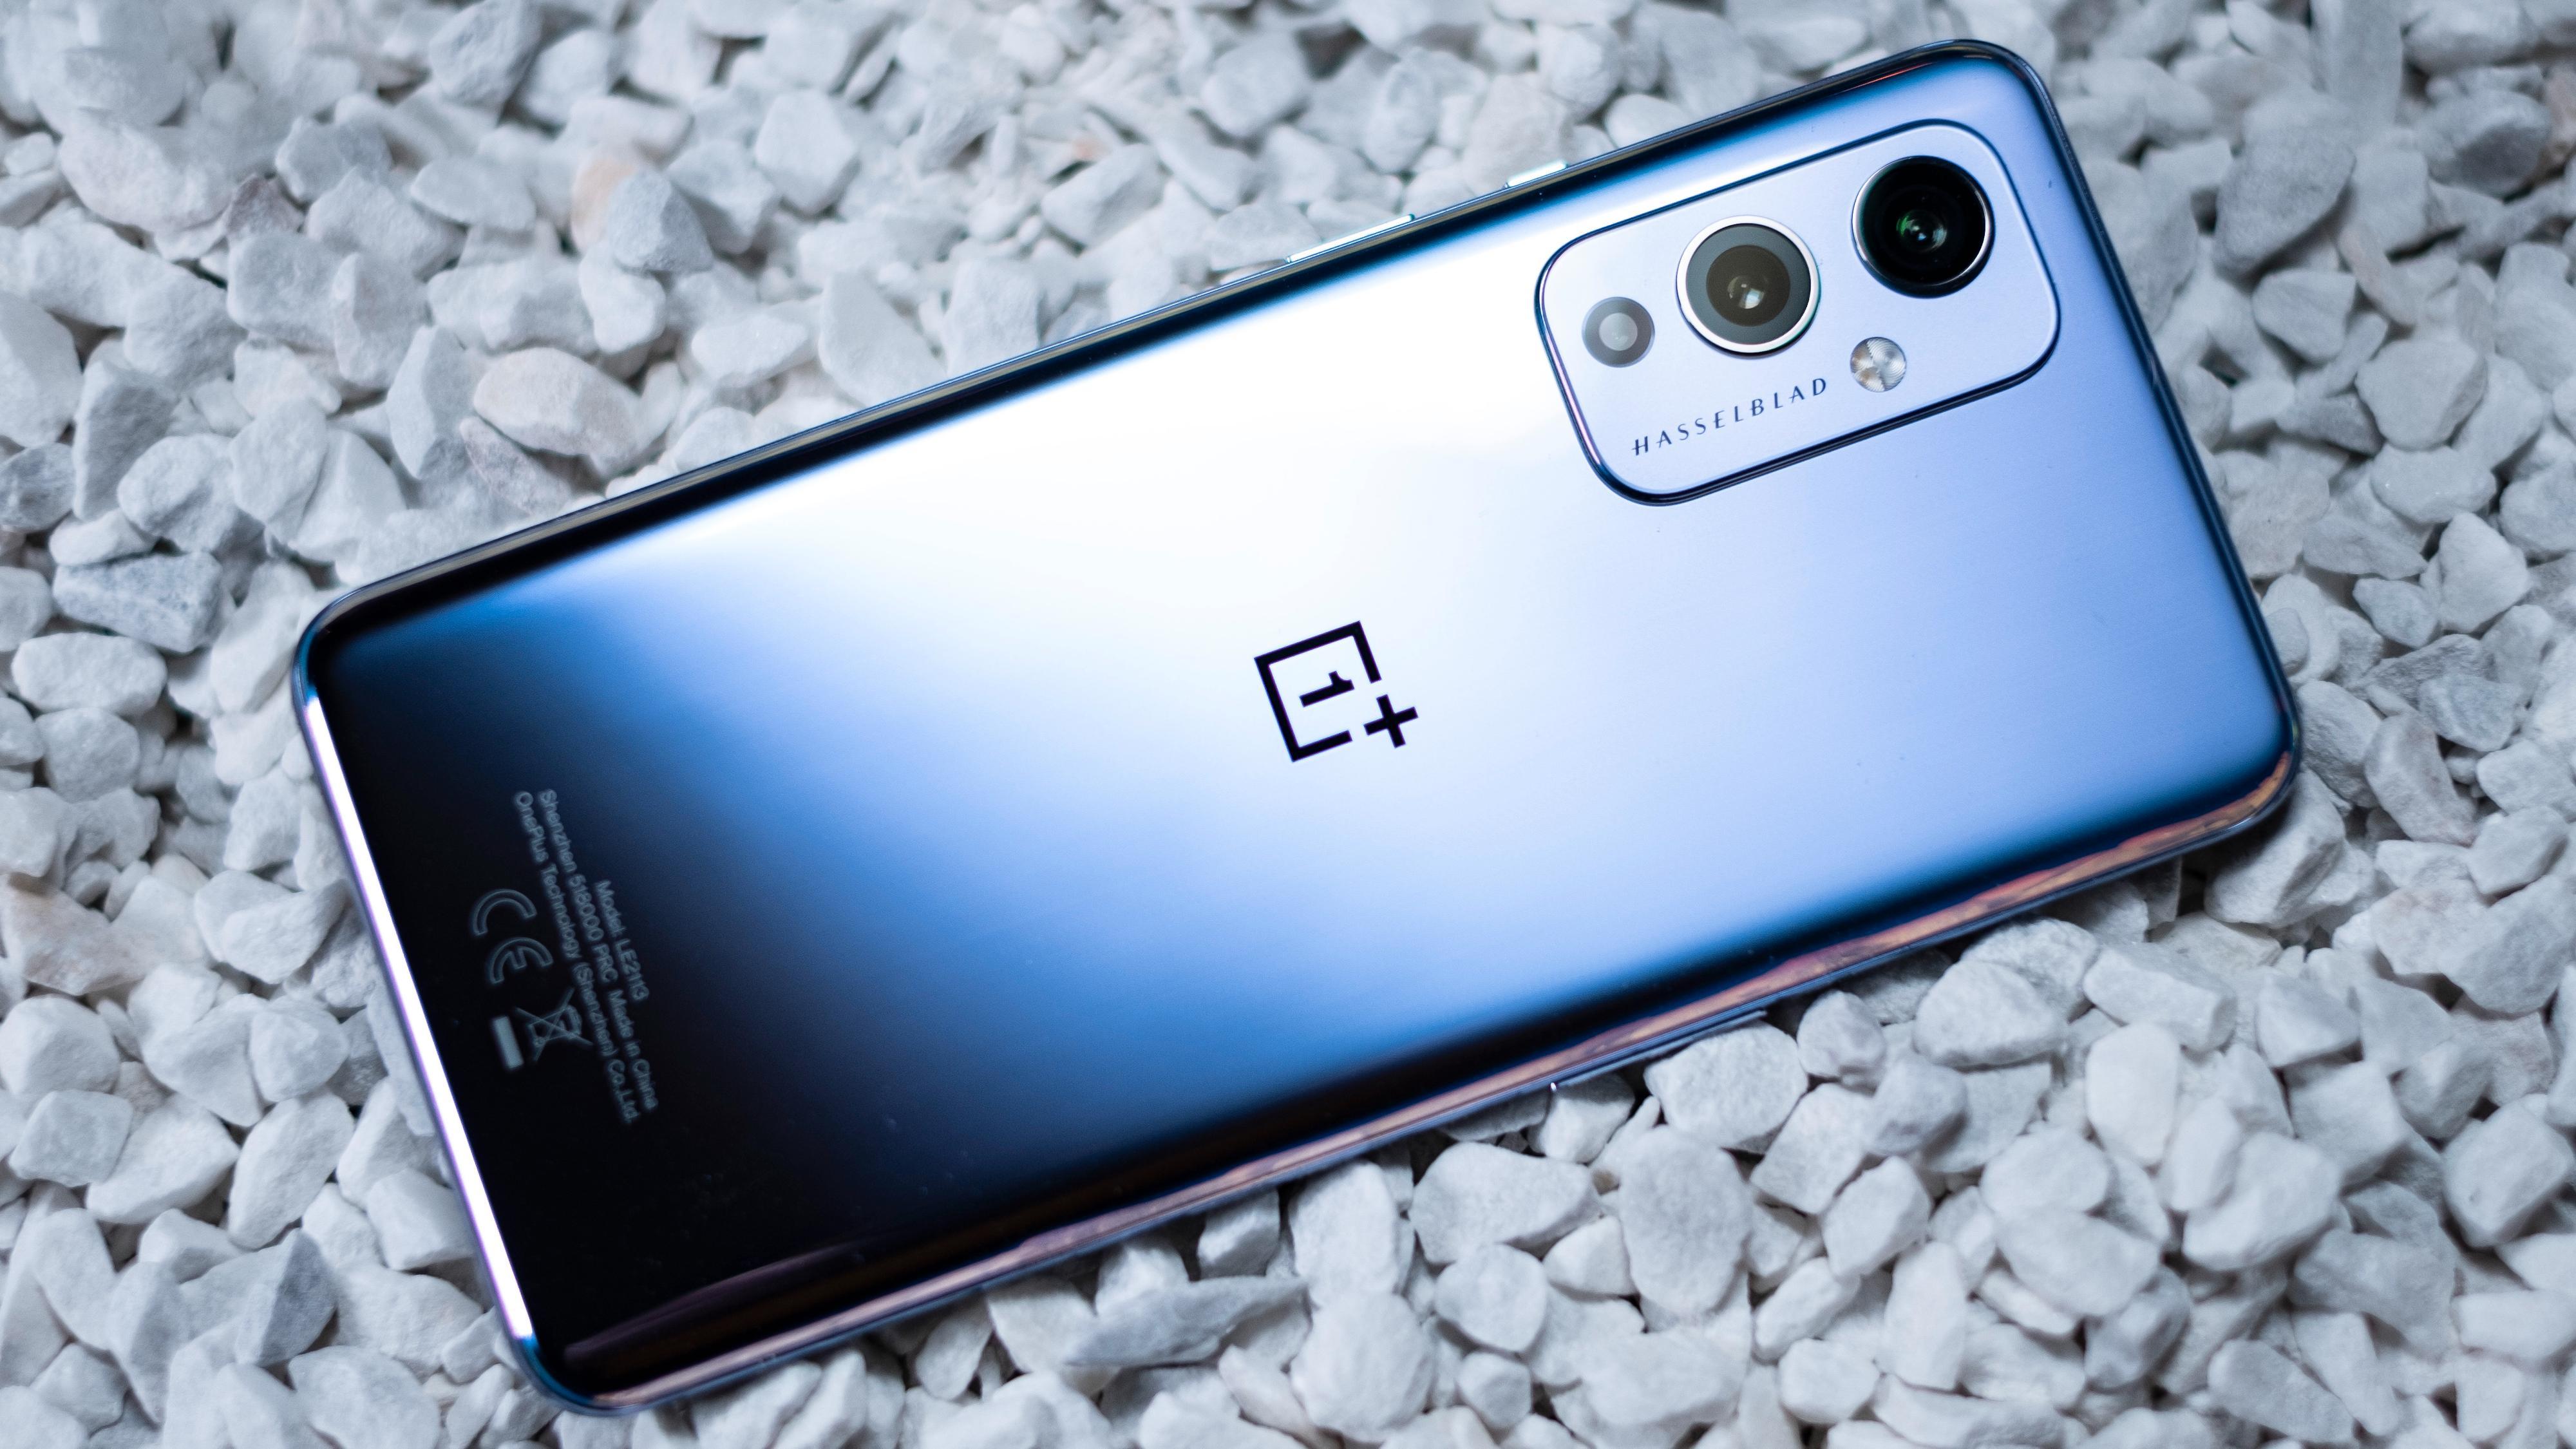 Som OnePlus 9 Pro finnes også den vanlige «niern» i en blank utgave med frosting øverst på telefonen. En liten ulempe er at den er blank akkurat der fettfingrene holder telefonen - dermed blir det en del fingermerker på denne utgaven.